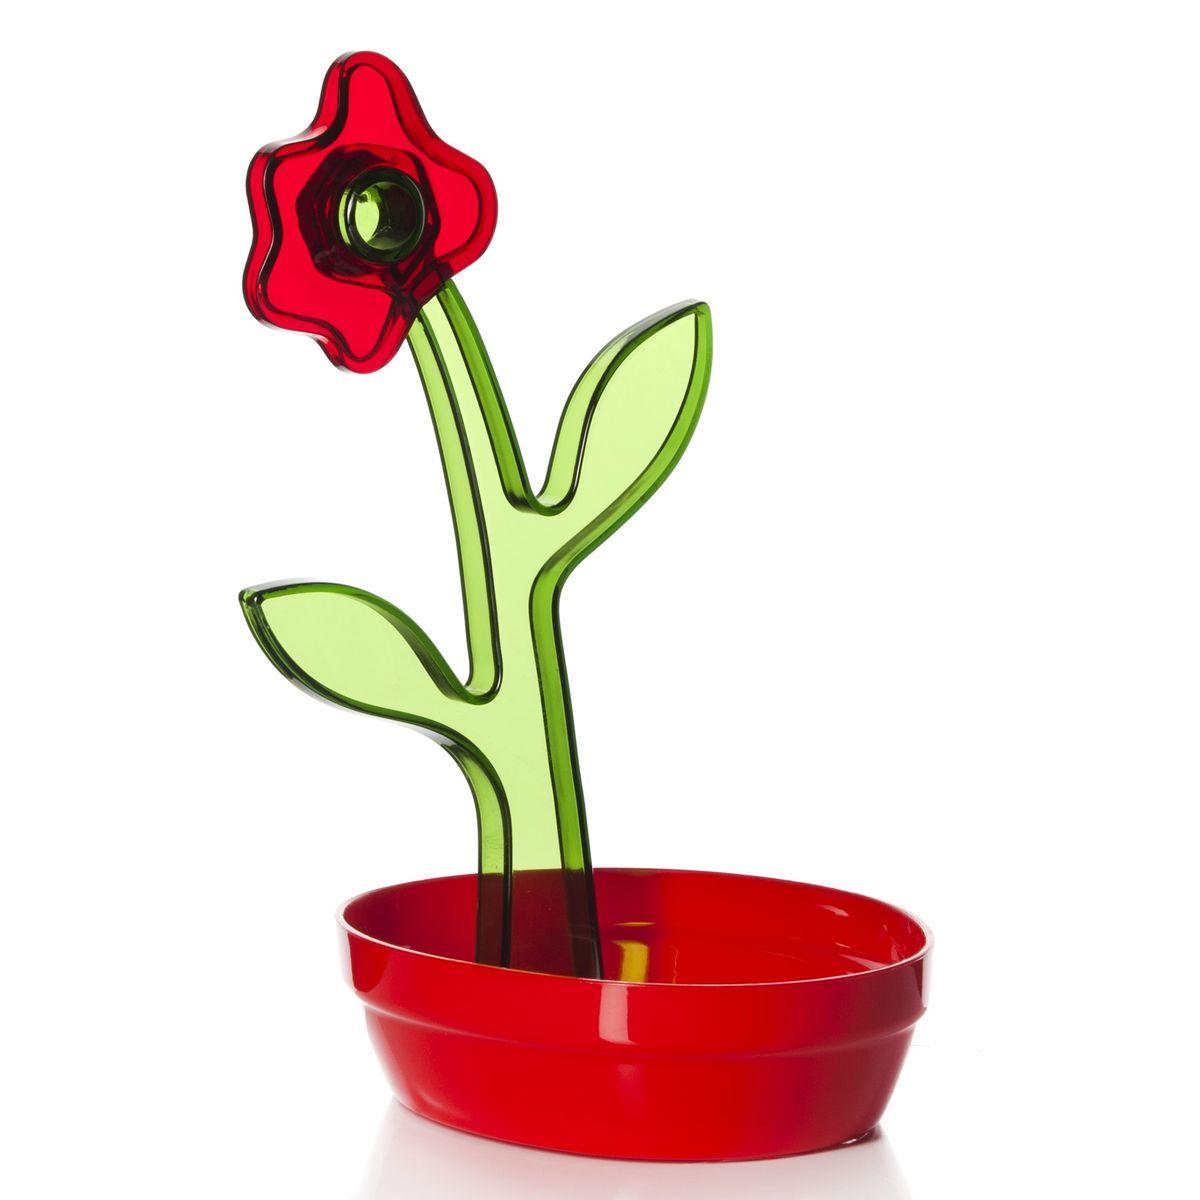 Подставка под ложку Herevin, цвет: красный4630003364517Подставка под ложку Herevin, изготовленная из высококачественного пищевого пластика, декорирована декоративным цветком. Изделие выдерживает высокие температуры, что позволяет использовать его как подставку под кухонные принадлежности, которыми вы готовите, например, половник или лопатку. Подставка защитит поверхность стола от высоких температур и поможет сохранить чистоту на кухне.